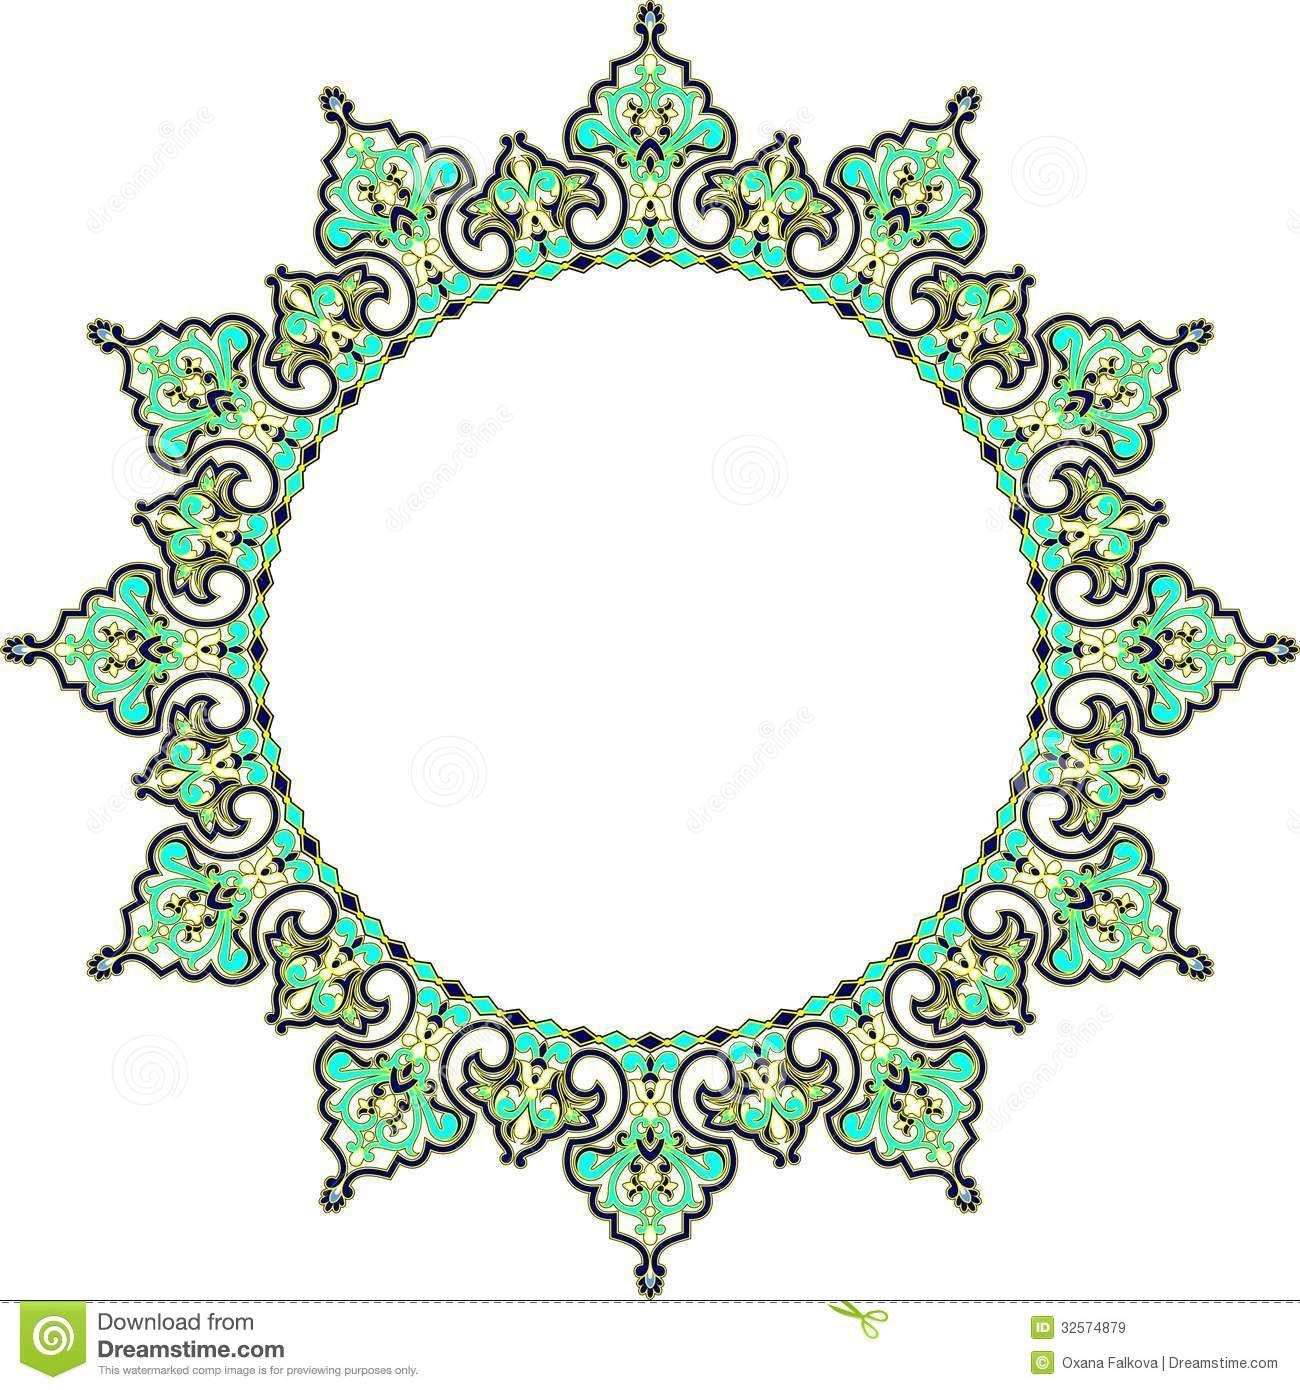 Image result for decorative border frame clip art poly vs mono image result for decorative border frame clip art thecheapjerseys Image collections